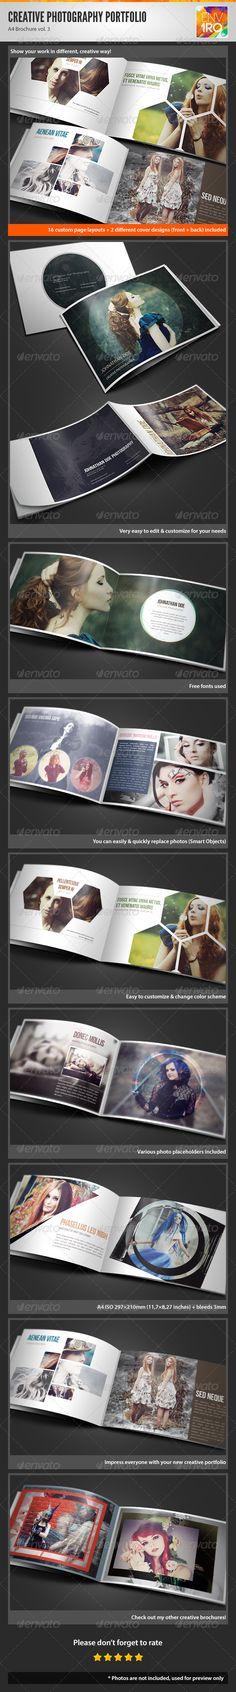 Creative Photography Portfolio A4 Brochure vol. 3 - Portfolio Brochures